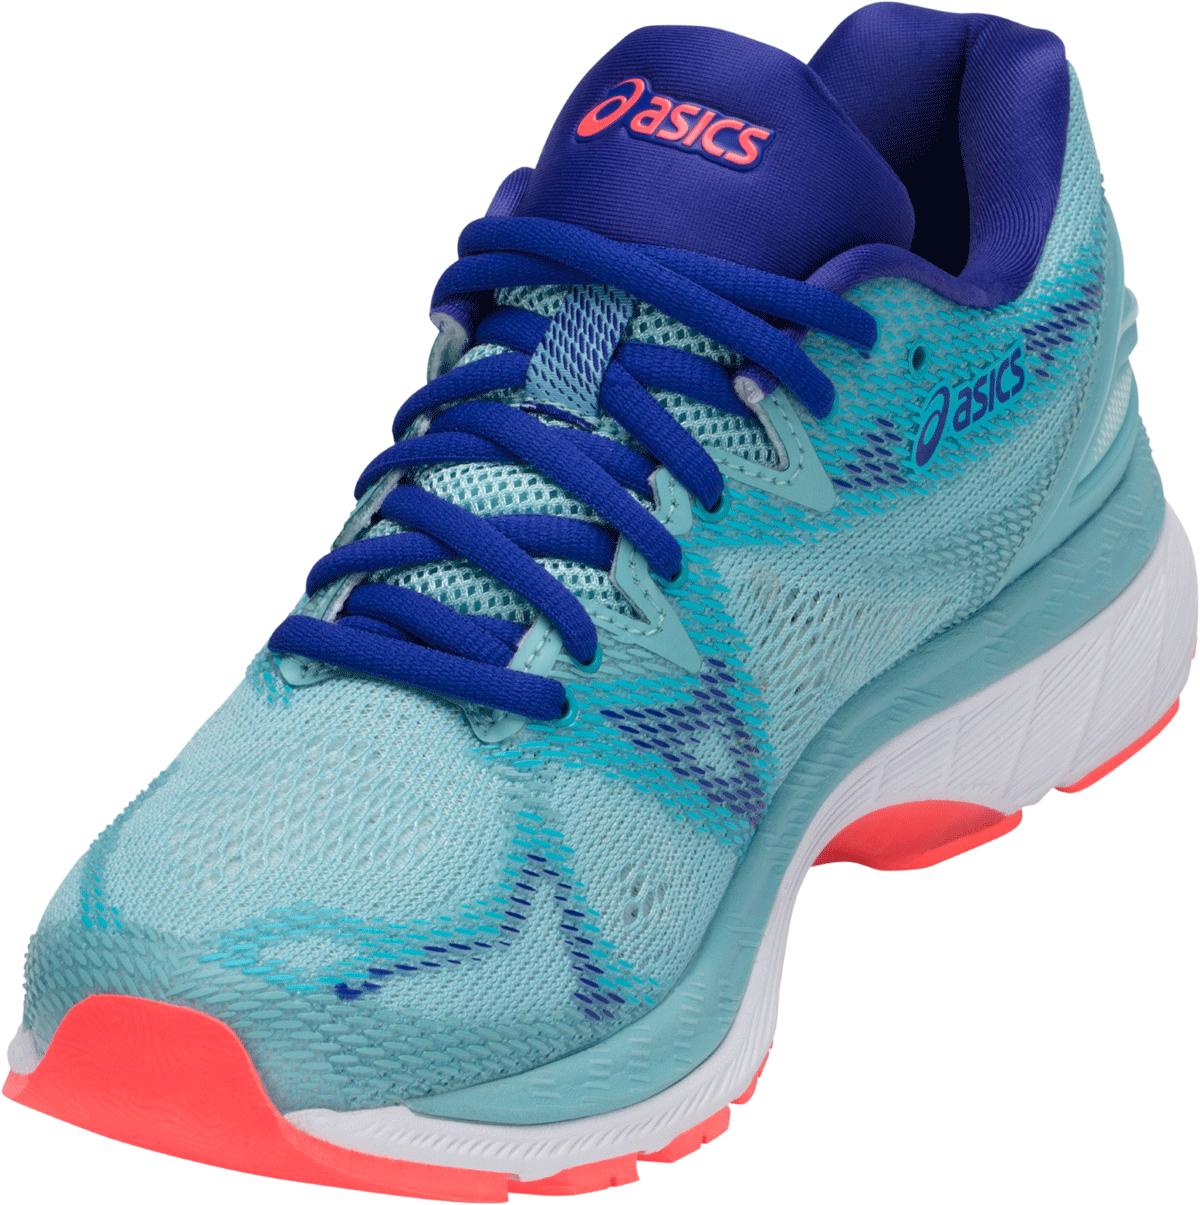 Asics Gel-Nimbus 20 - Damen Laufschuhe - Freizeit - blau - T850N-1401